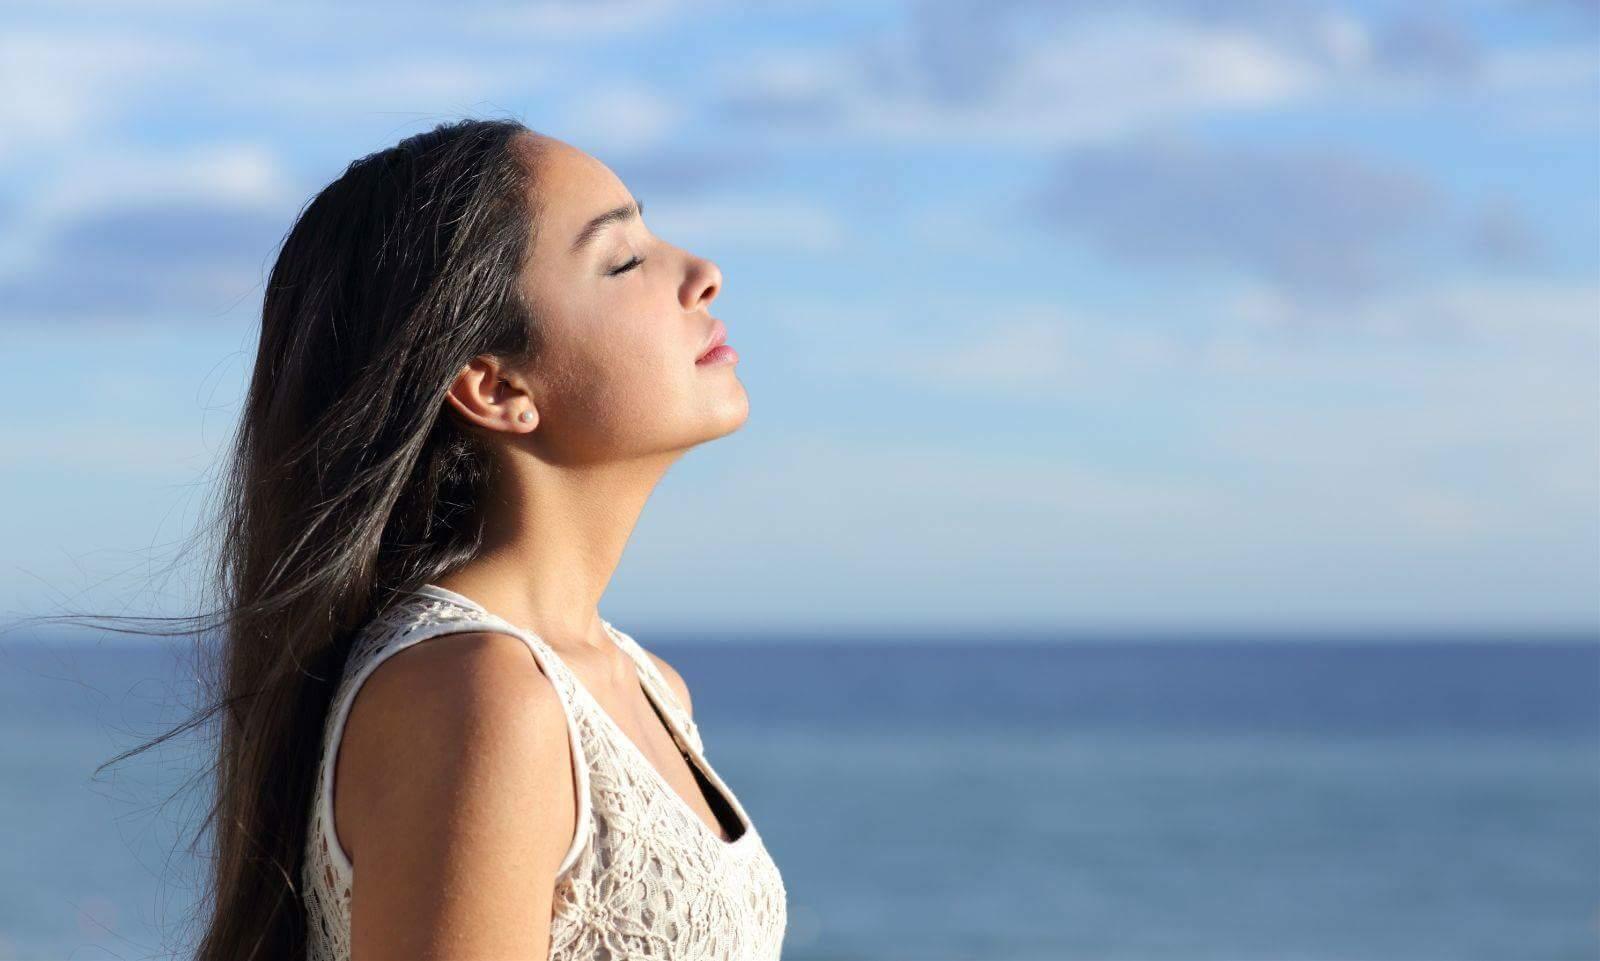 5 PHƯƠNG PHÁP GIÚP TỈNH TÁO NHANH VÀ HIỆU QUẢ  Cuộc sống bộn bề công việc luôn làm bạn căng...